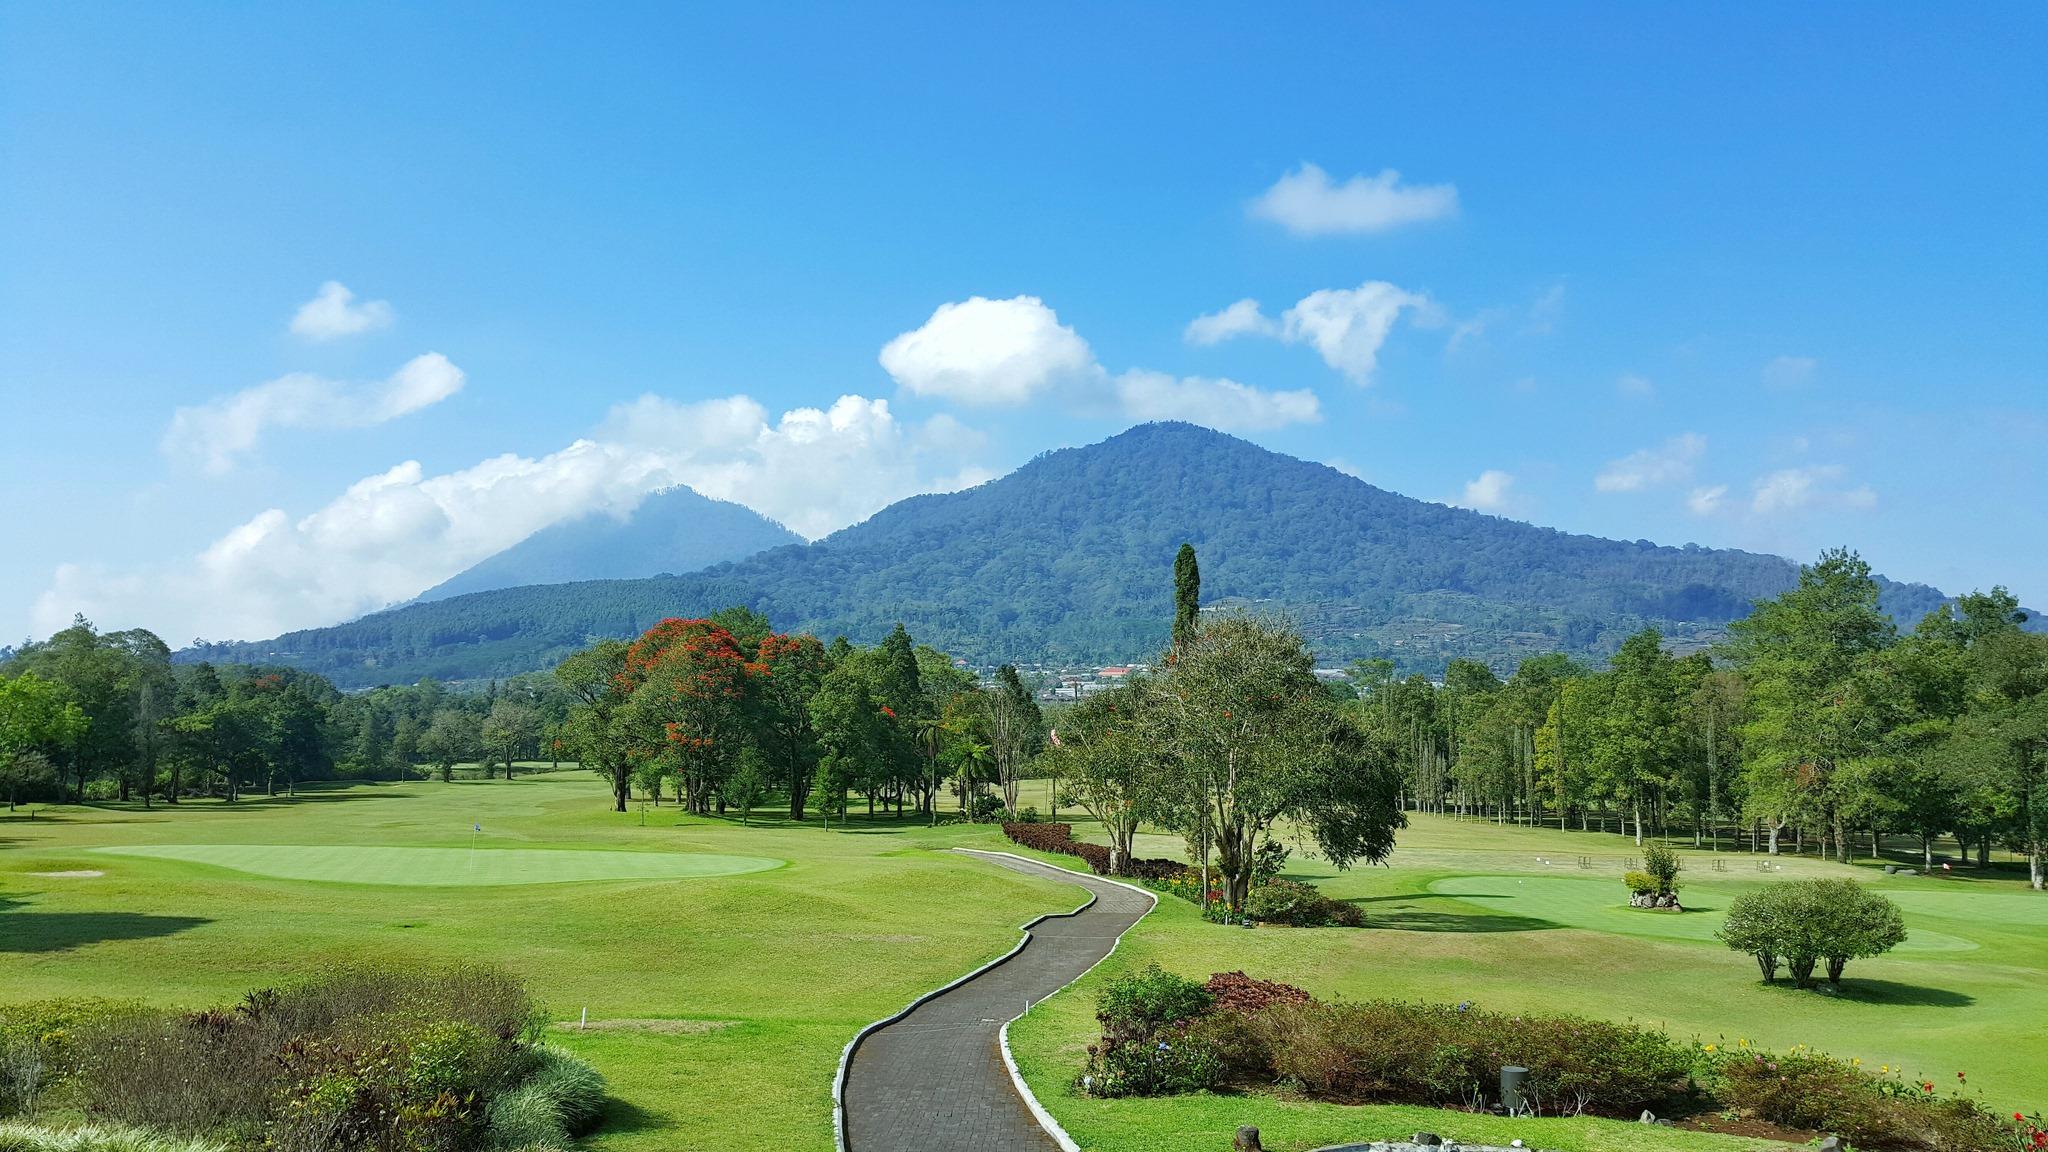 ハンダラゴルフ の景色